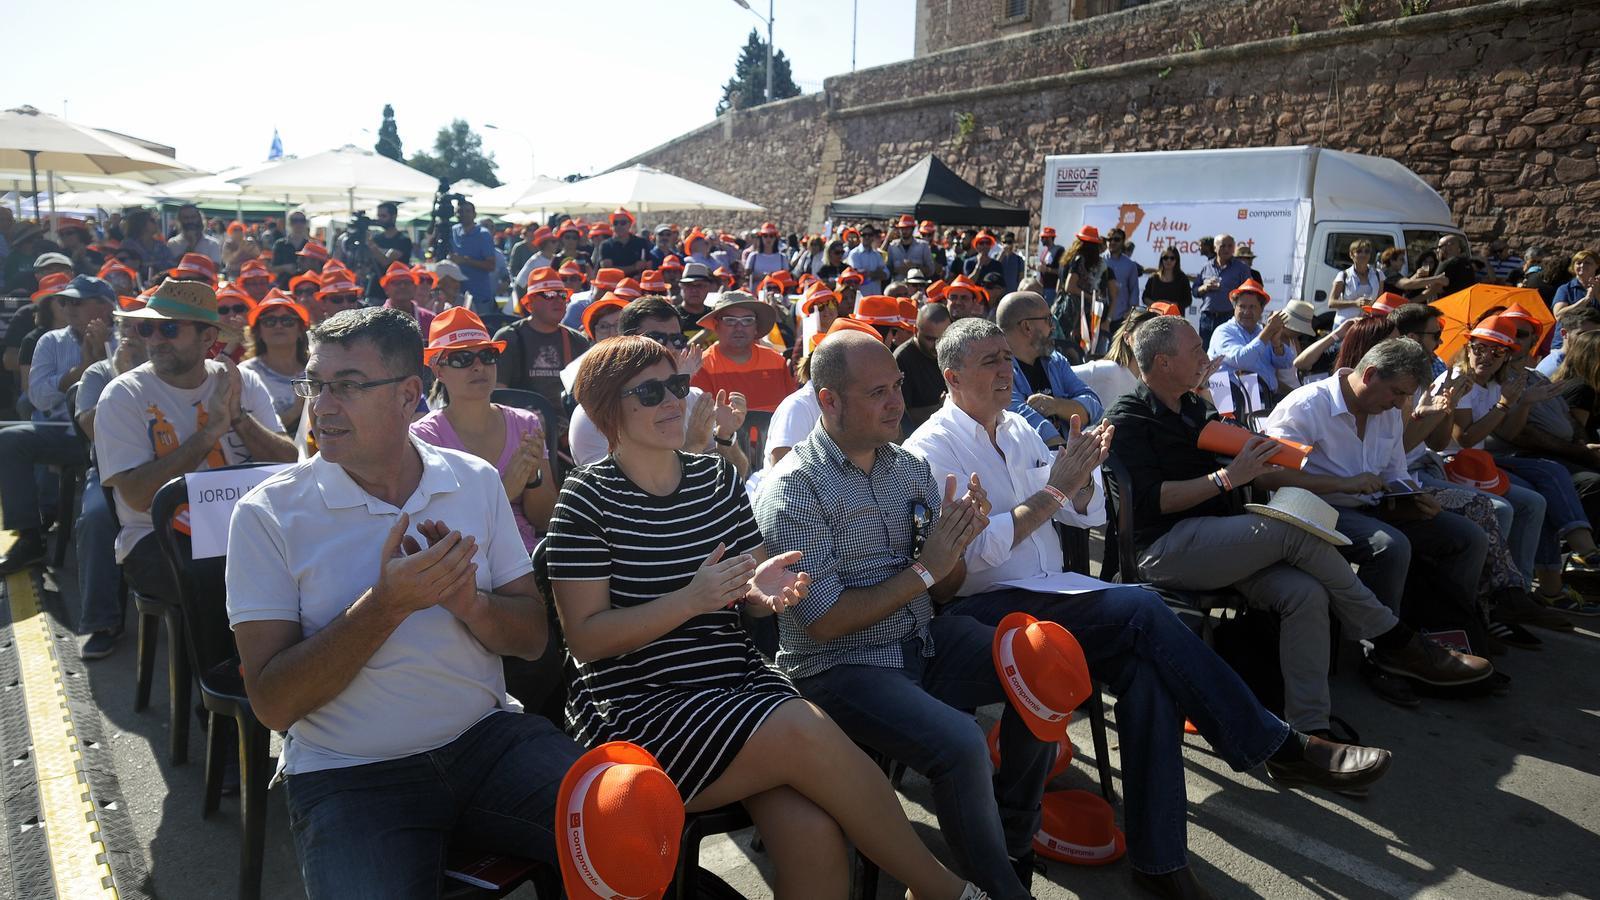 Els militants del Bloc Nacioalista Valencià, durant l'acte polític de la diada.